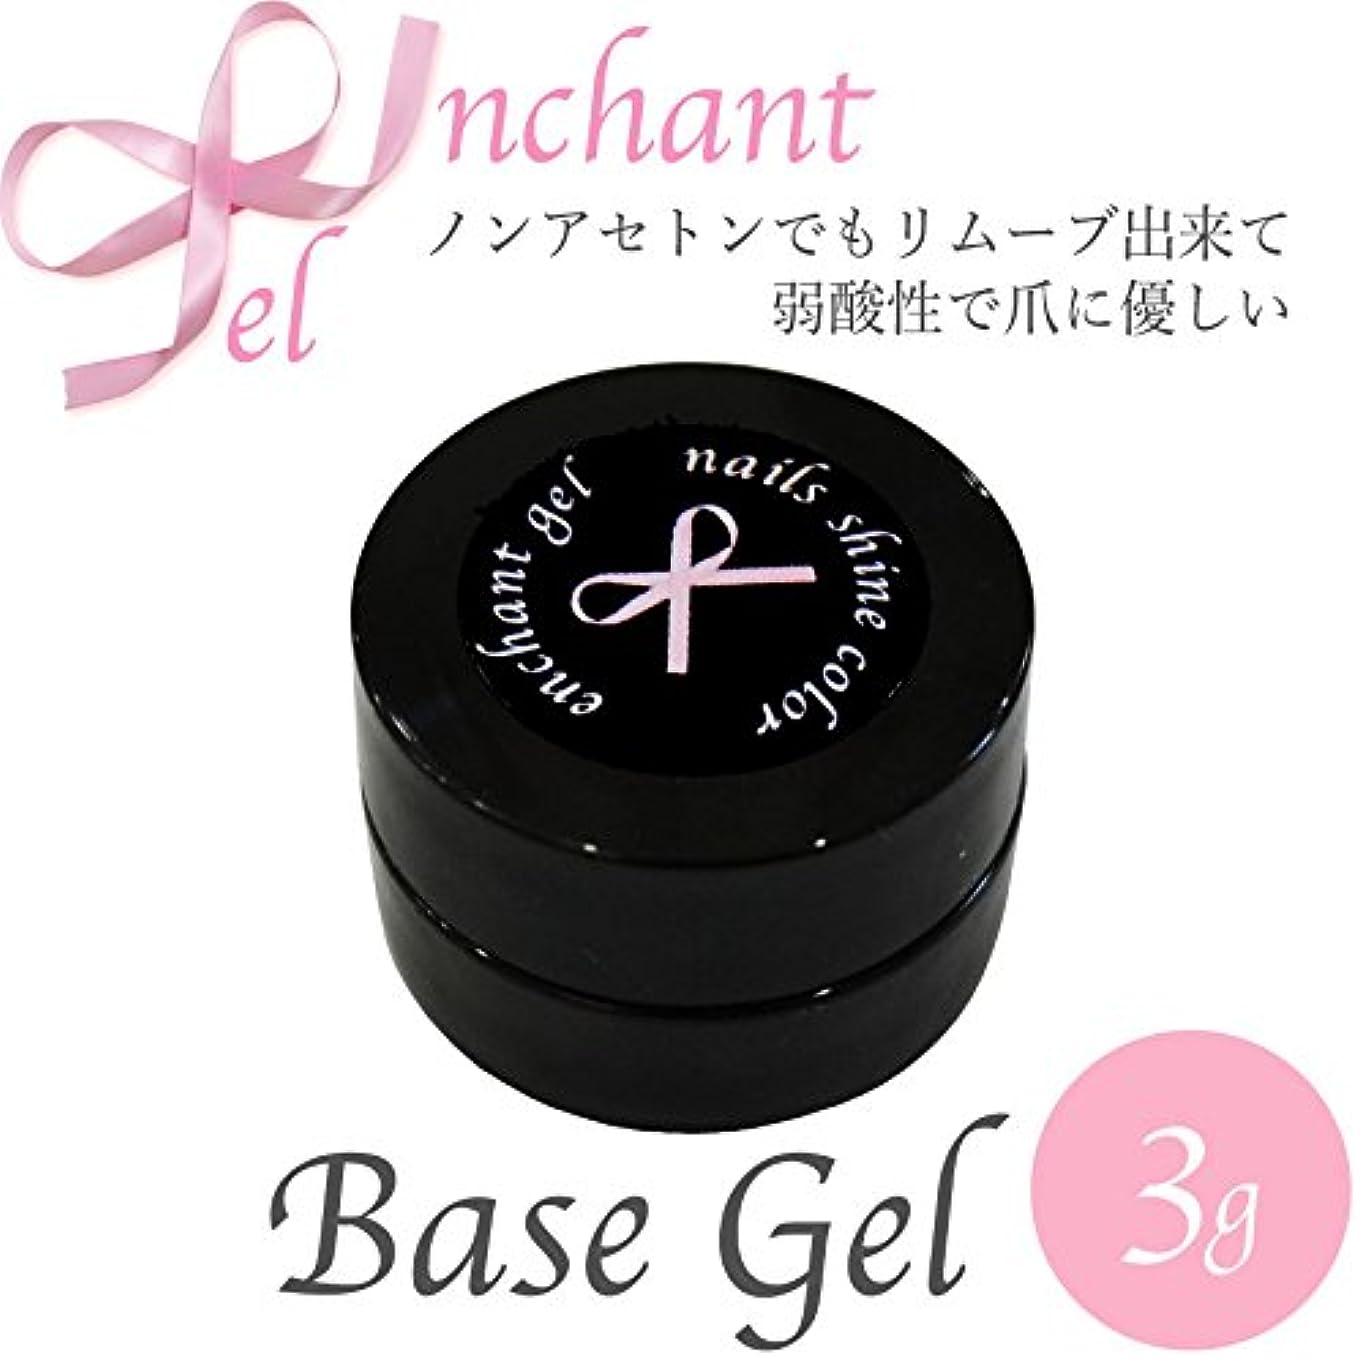 フルーティー動溢れんばかりのenchant gel clear base gel 3g/エンチャントジェル クリアーベースジェル 3グラム